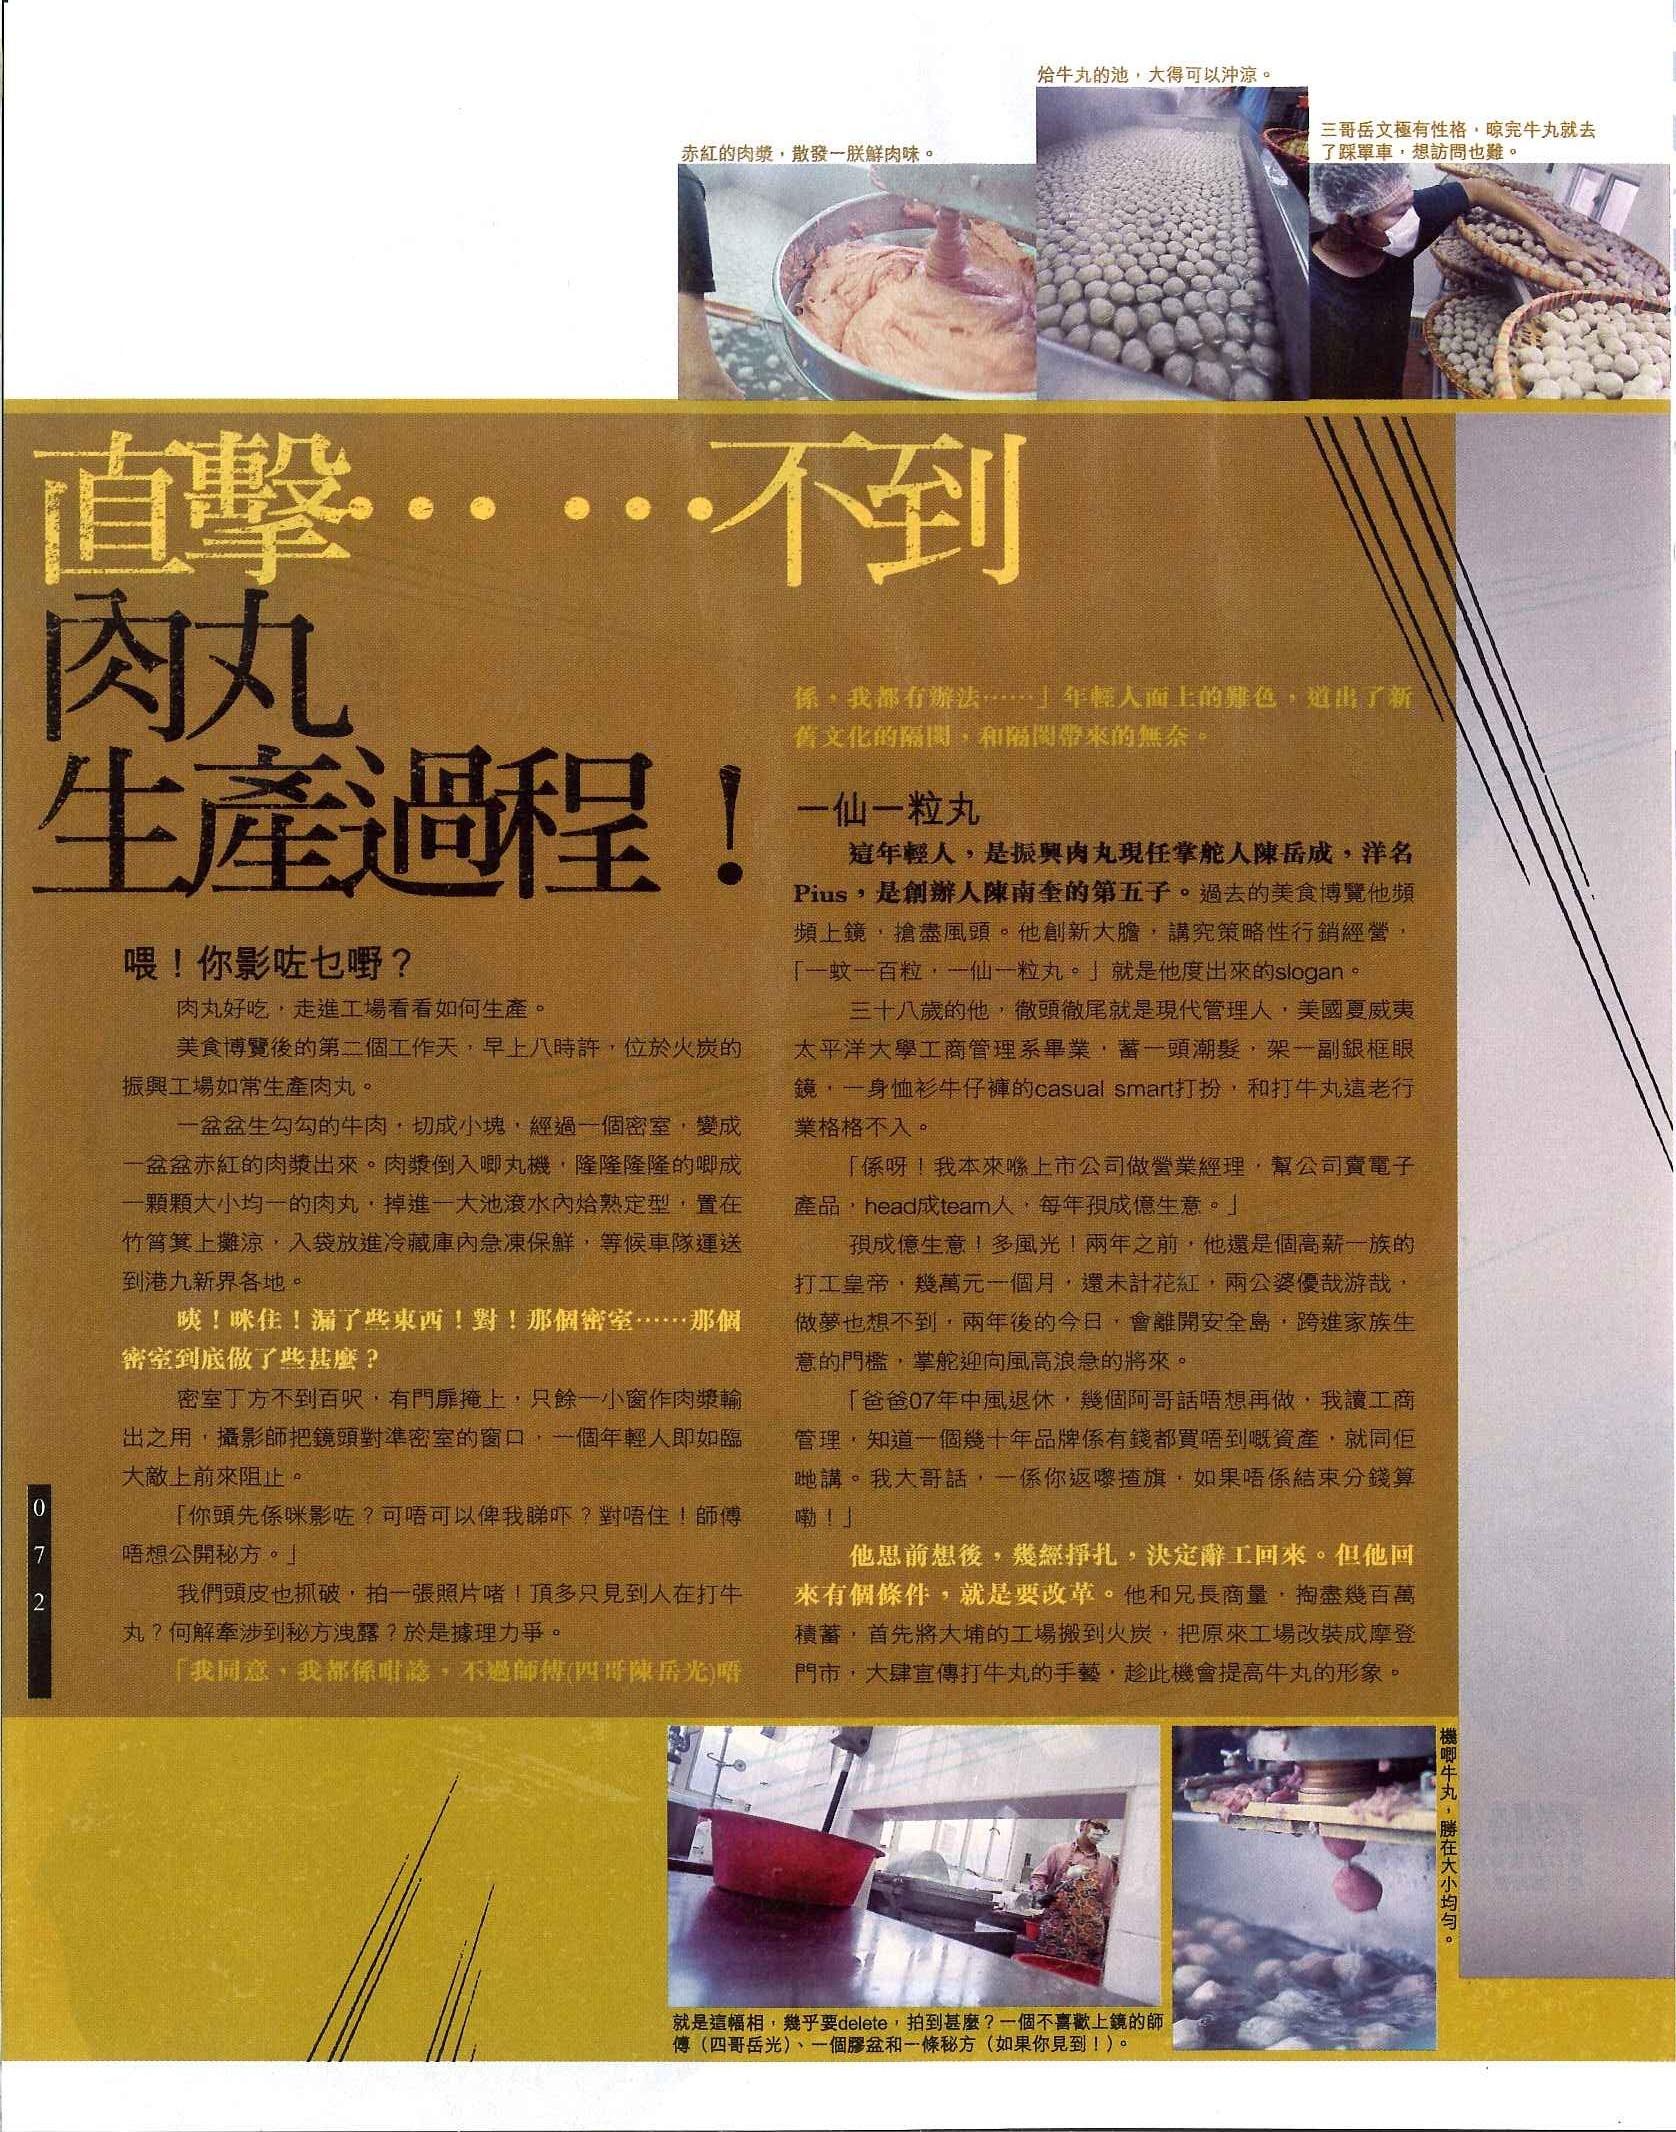 大埔振興肉丸 - Tai Po CHun Hing Ltd.